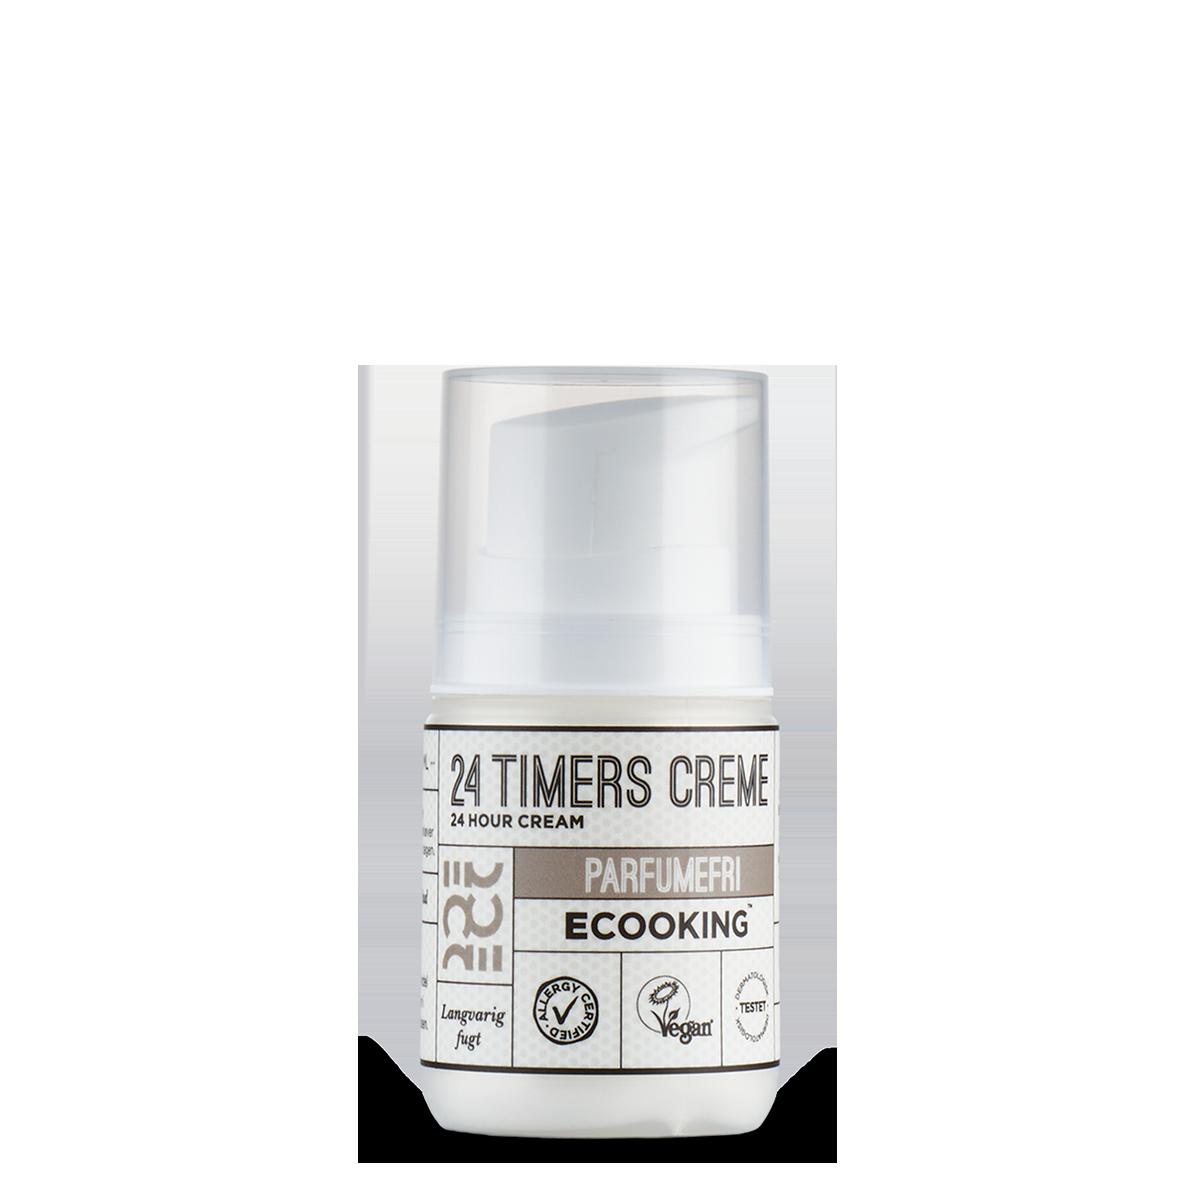 24 Timers Creme Parfumefri